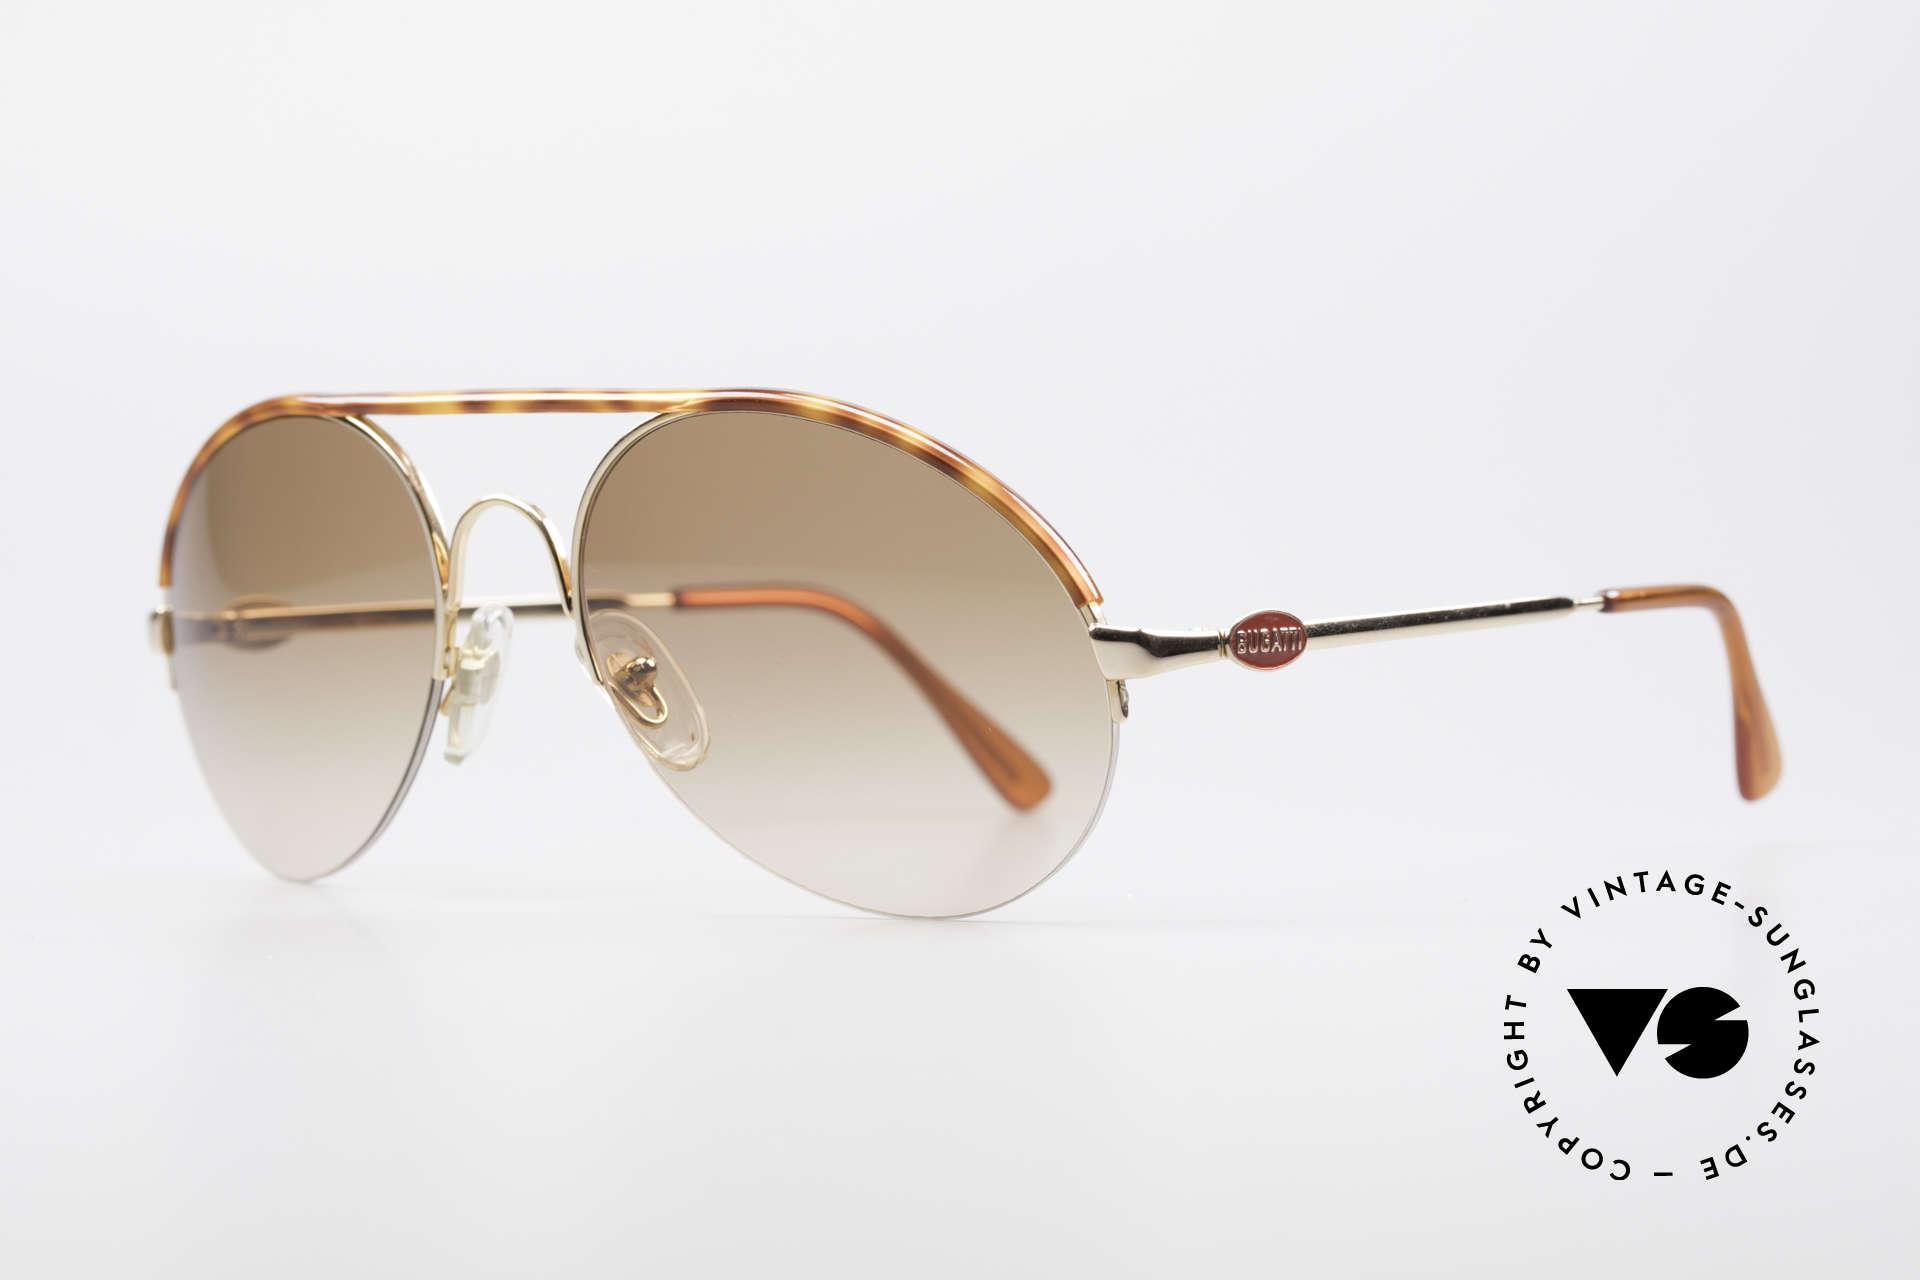 Bugatti 64919 Halb Rahmenlose Sonnenbrille, vergoldet, Schildpatt-Applikation & Bugatti Logos, Passend für Herren